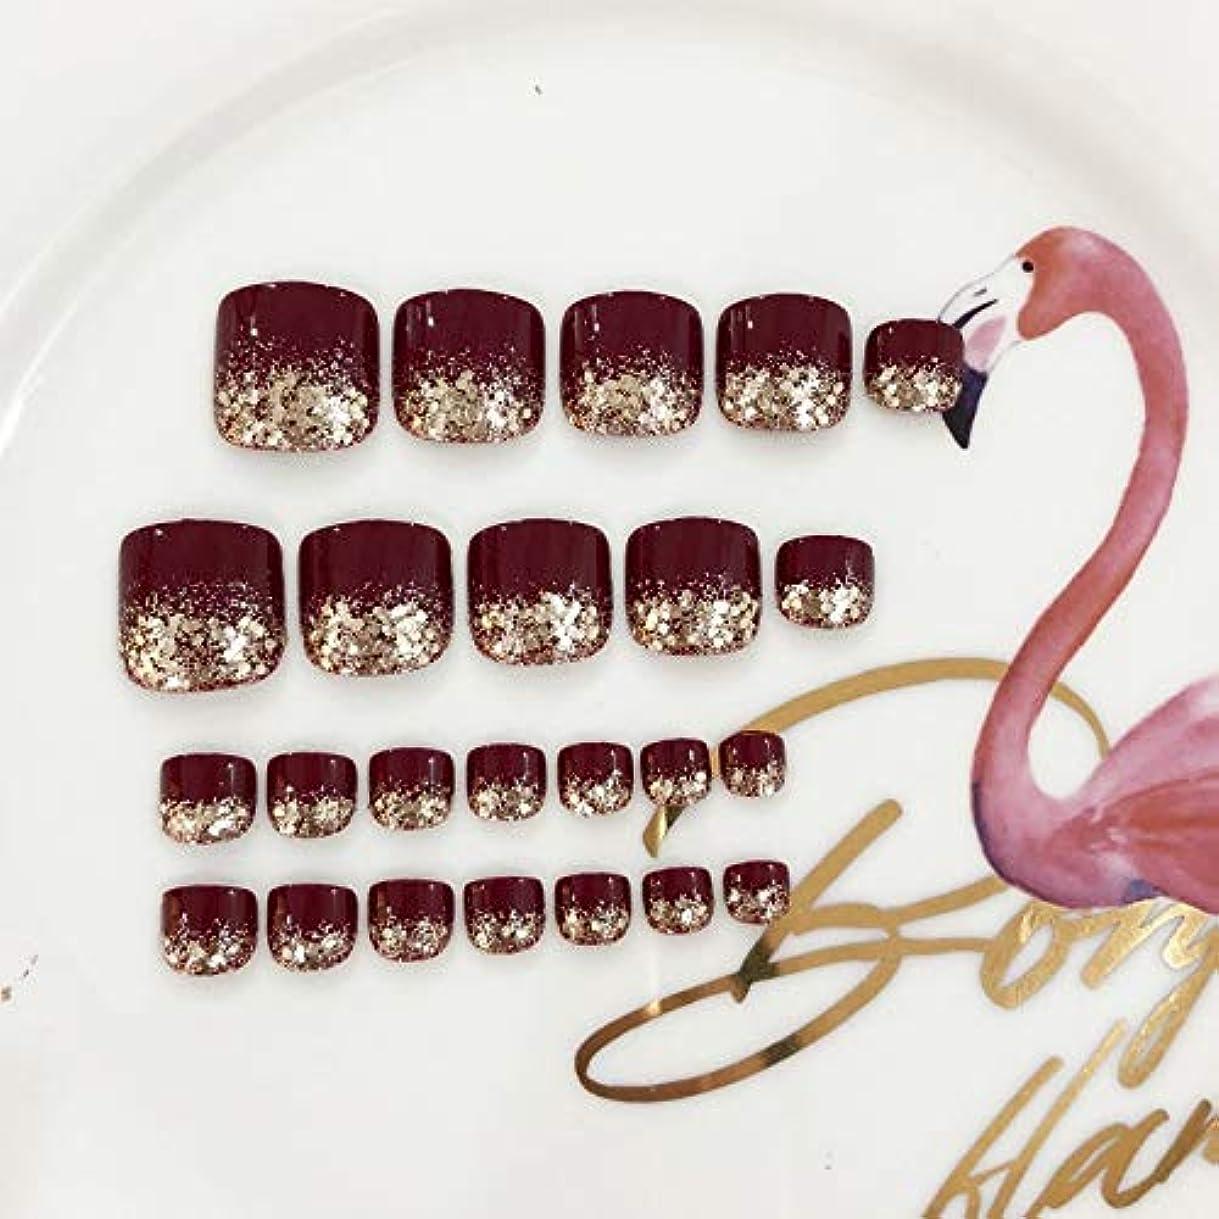 横買い物に行くキャプチャーXUANHU HOME 偽爪キット24個入り赤と輝きのスパンコールフレンチマニキュア偽爪と接着剤フルカバーミディアムの長さ